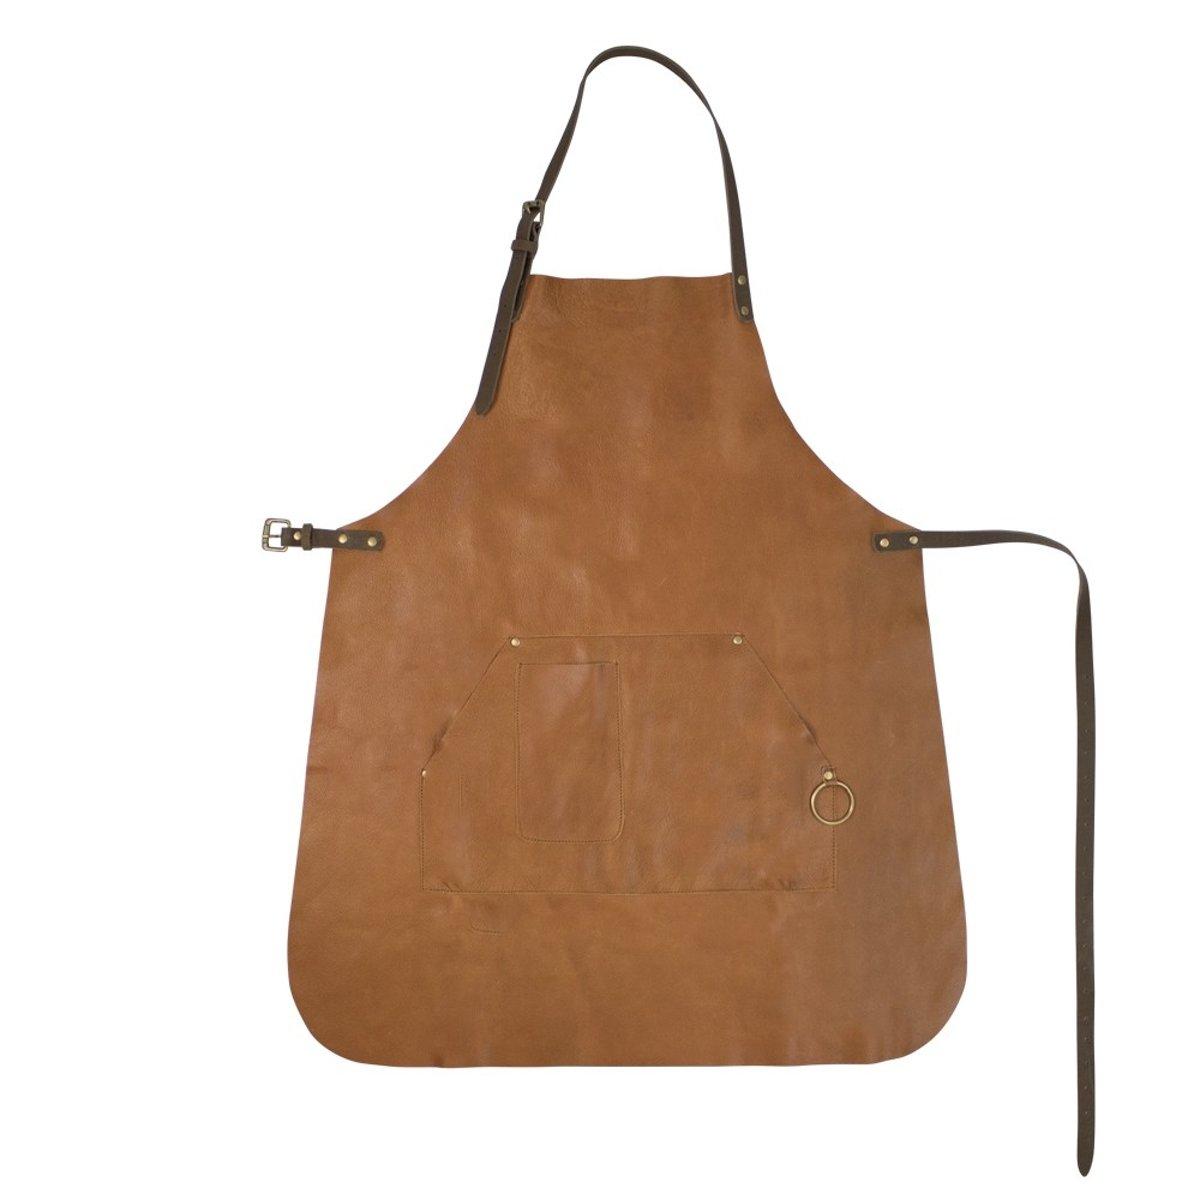 Mars & More - Koken, Tafelen en Huishouden - Koken - Textiel - Schort - Vintage schort leer cognac kopen